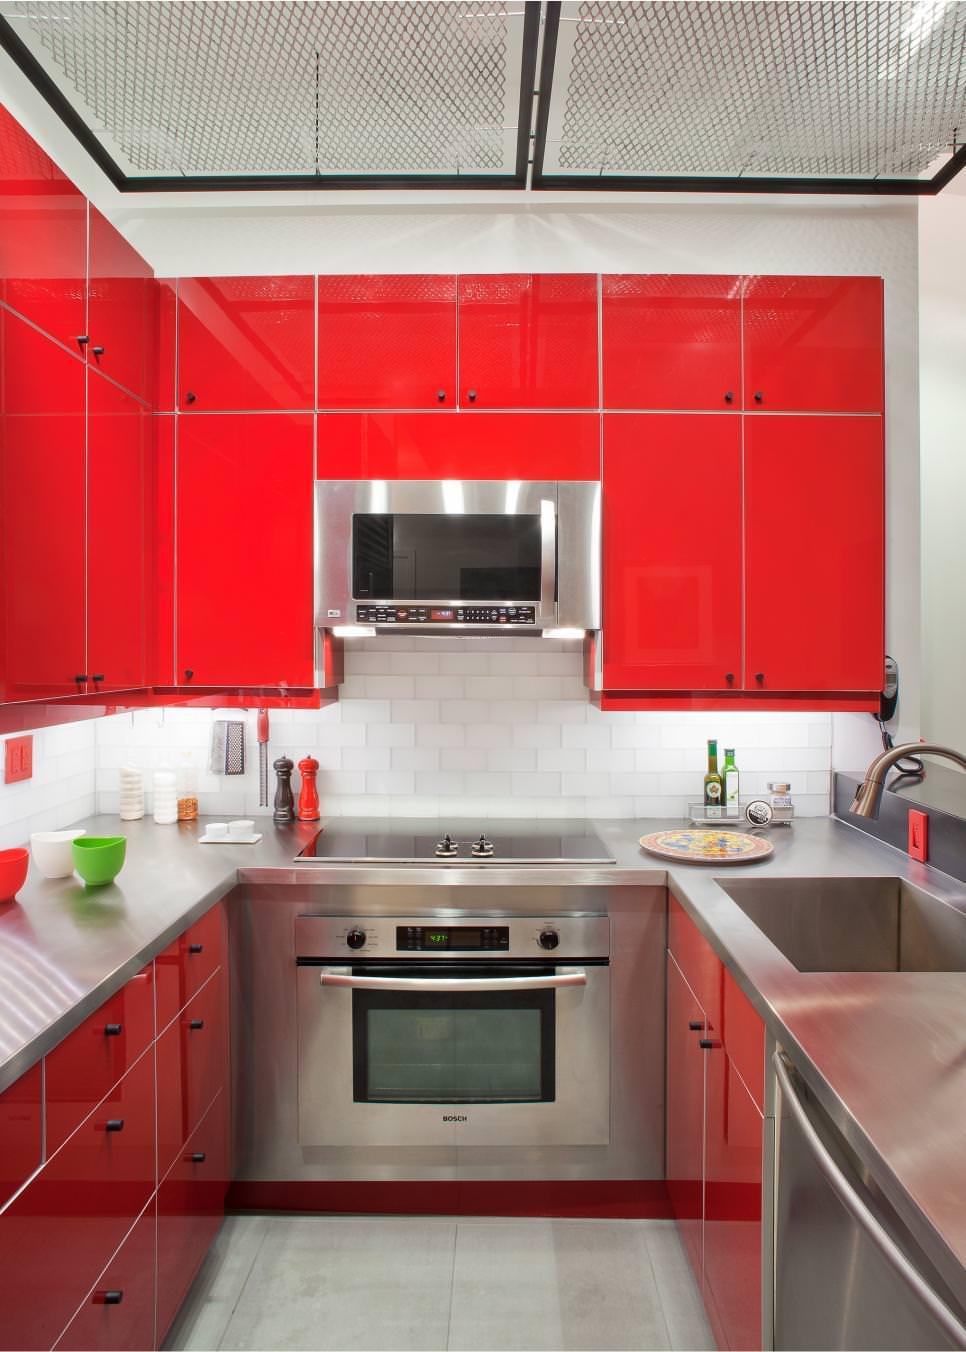 armoires-de-cuisine-rouge-chic